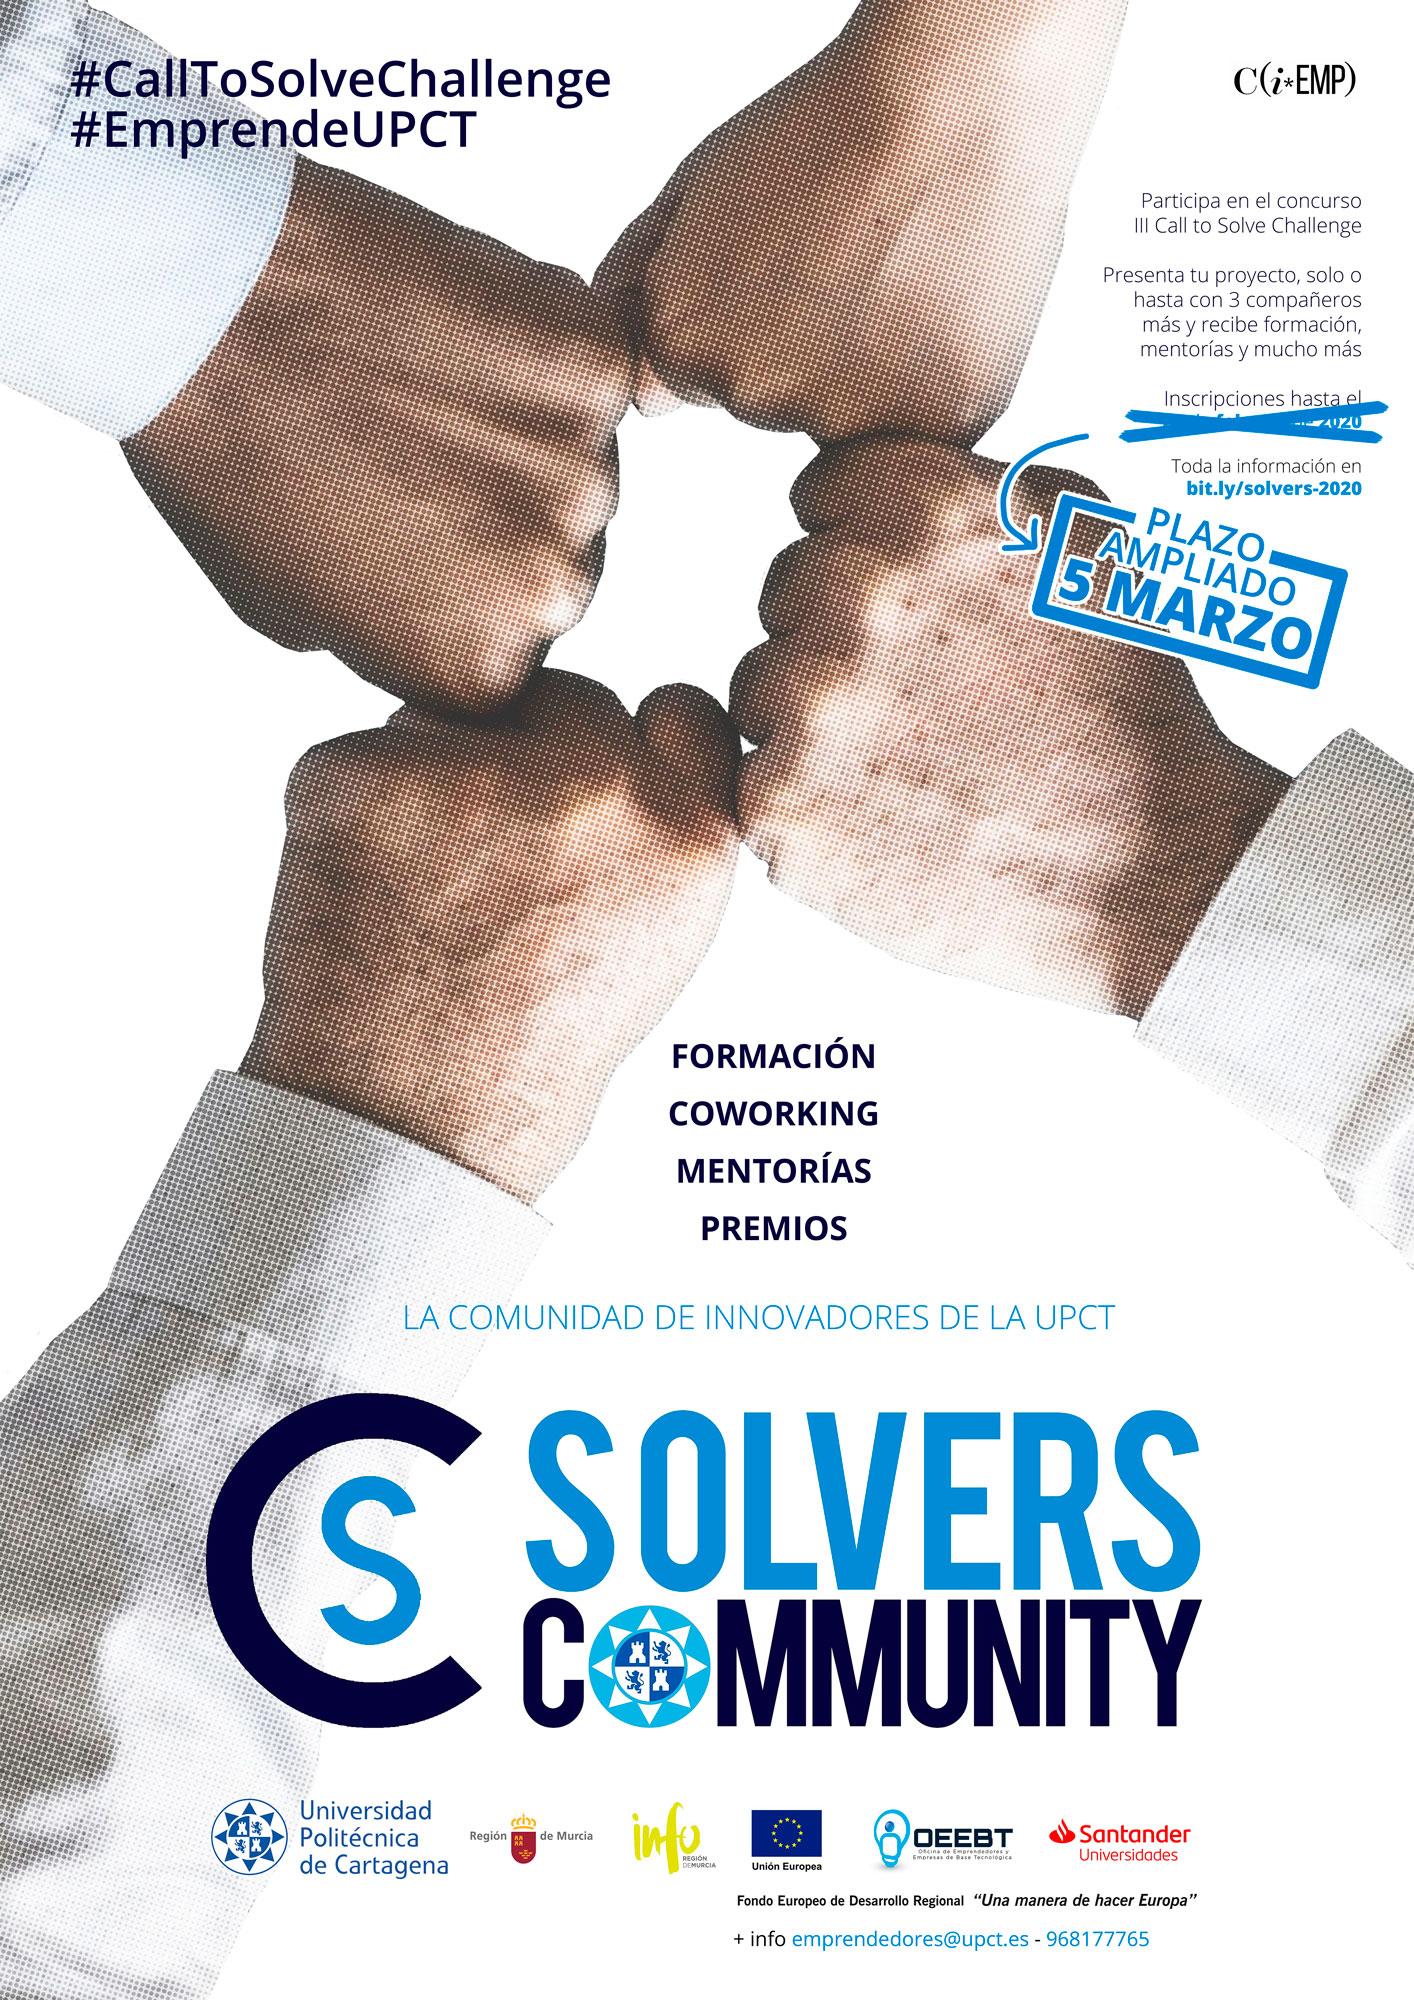 La UPCT busca soluciones innovadoras en su III Convocatoria Solver